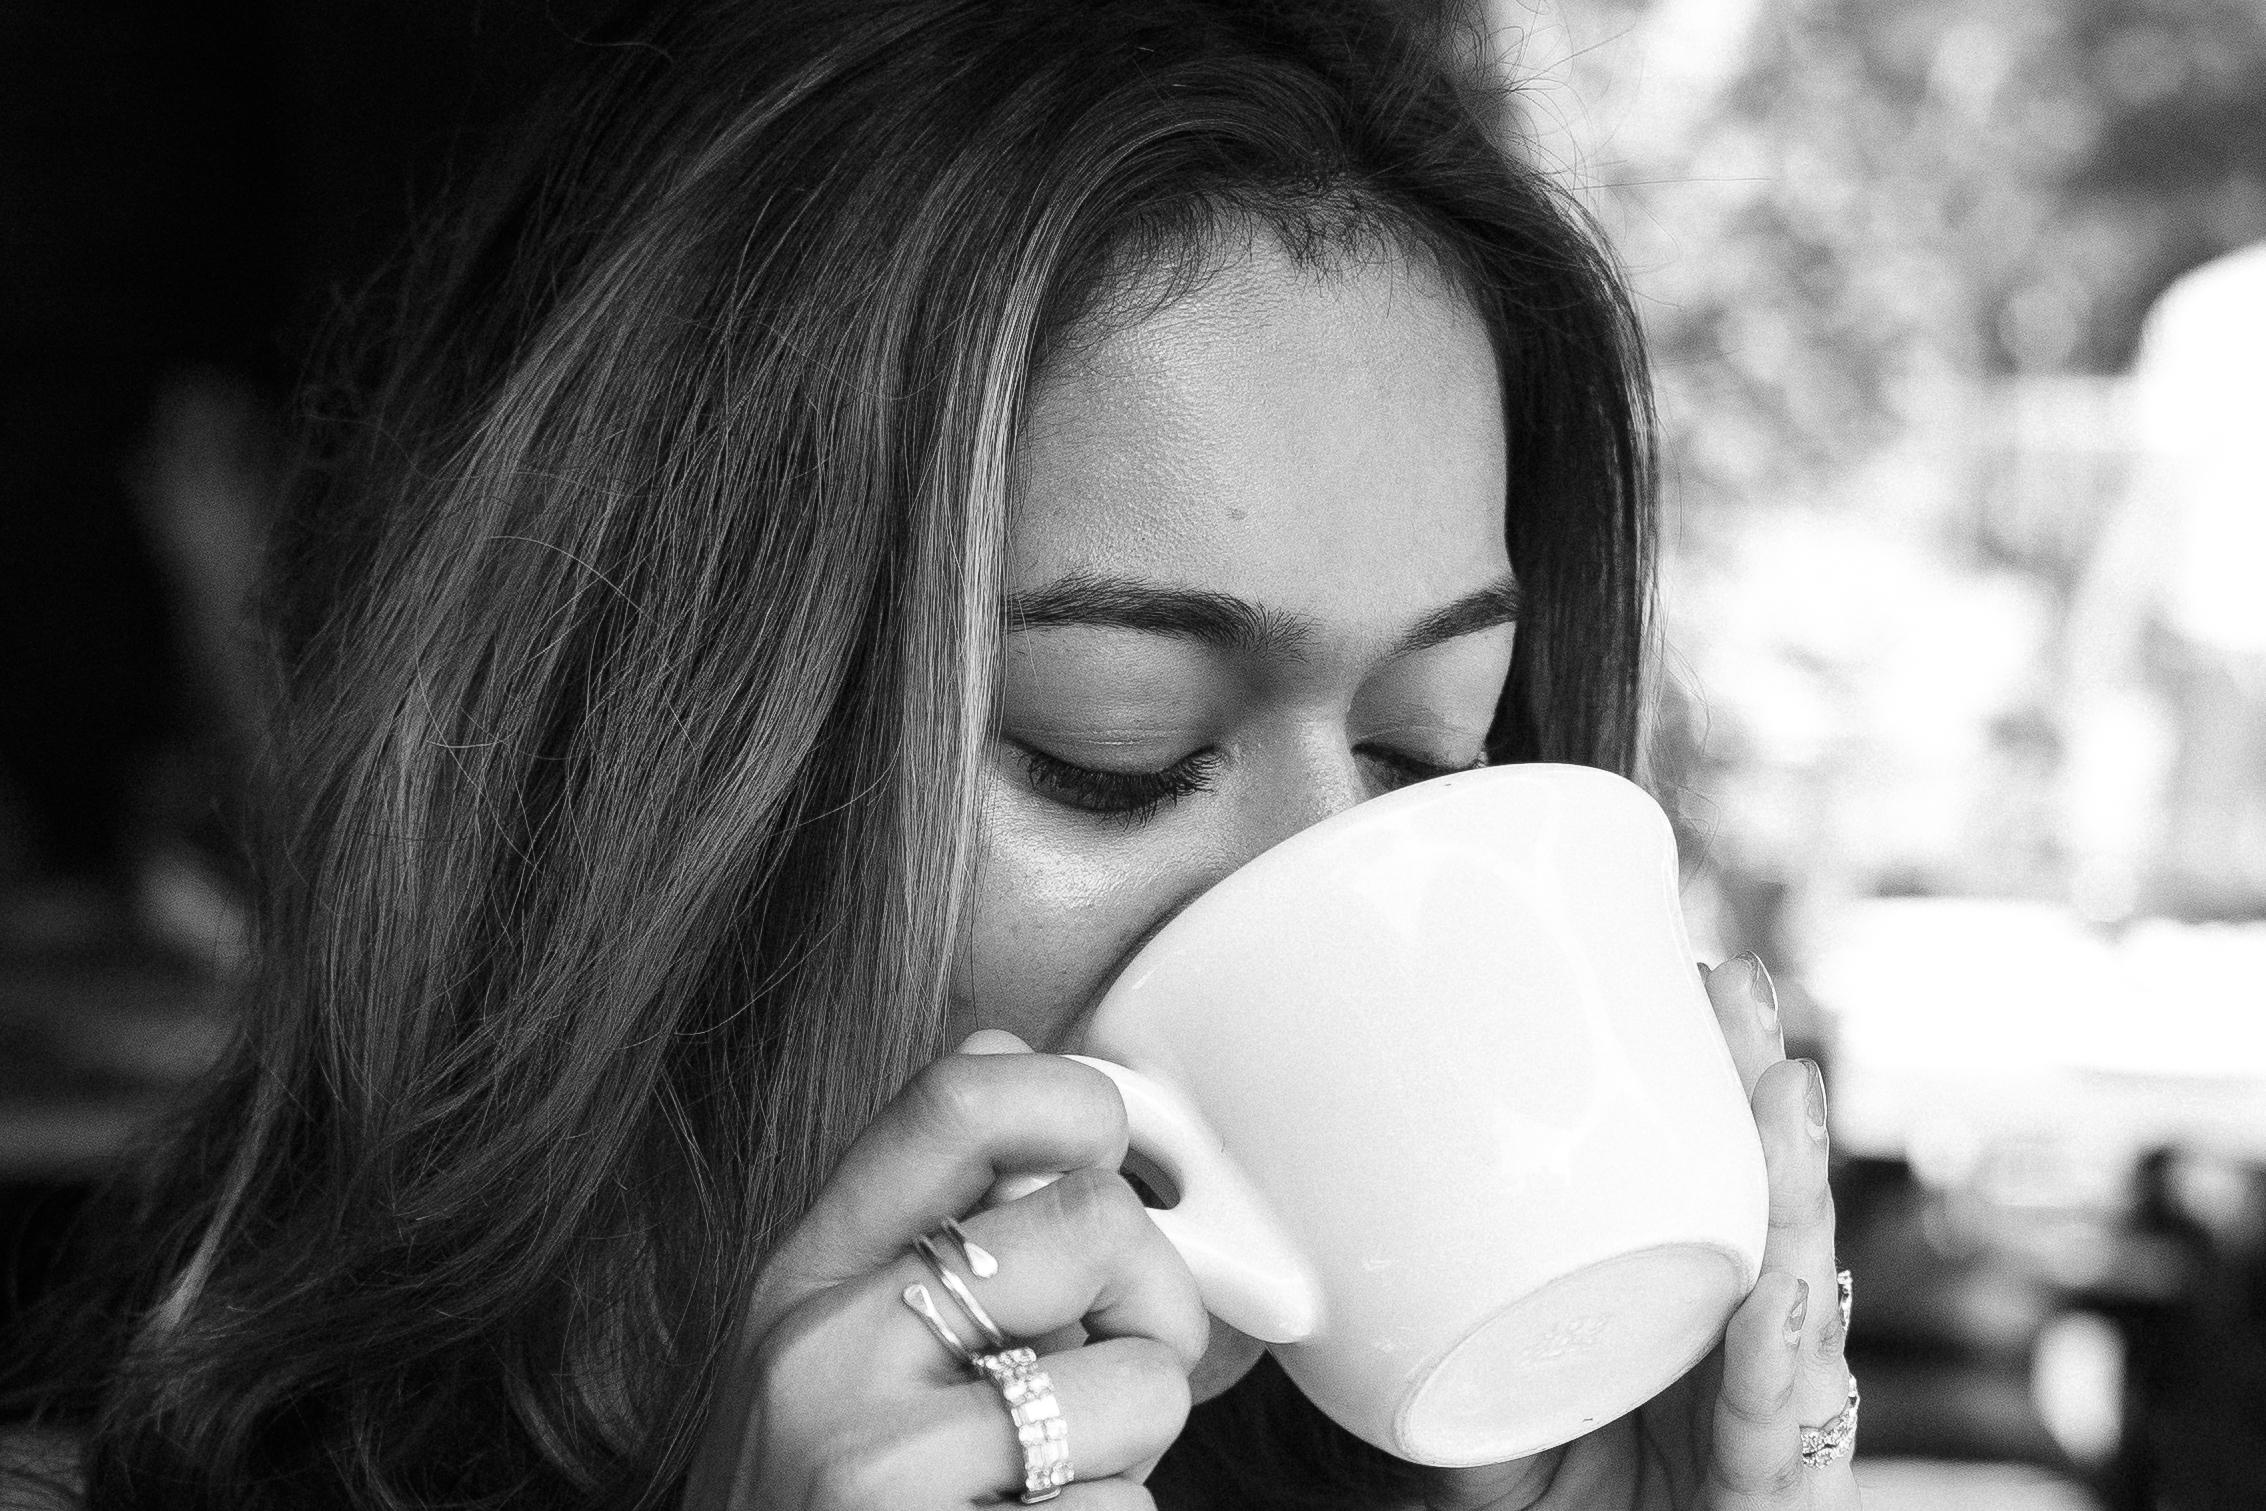 File:Woman drinking coffee.jpg - Wikipedia